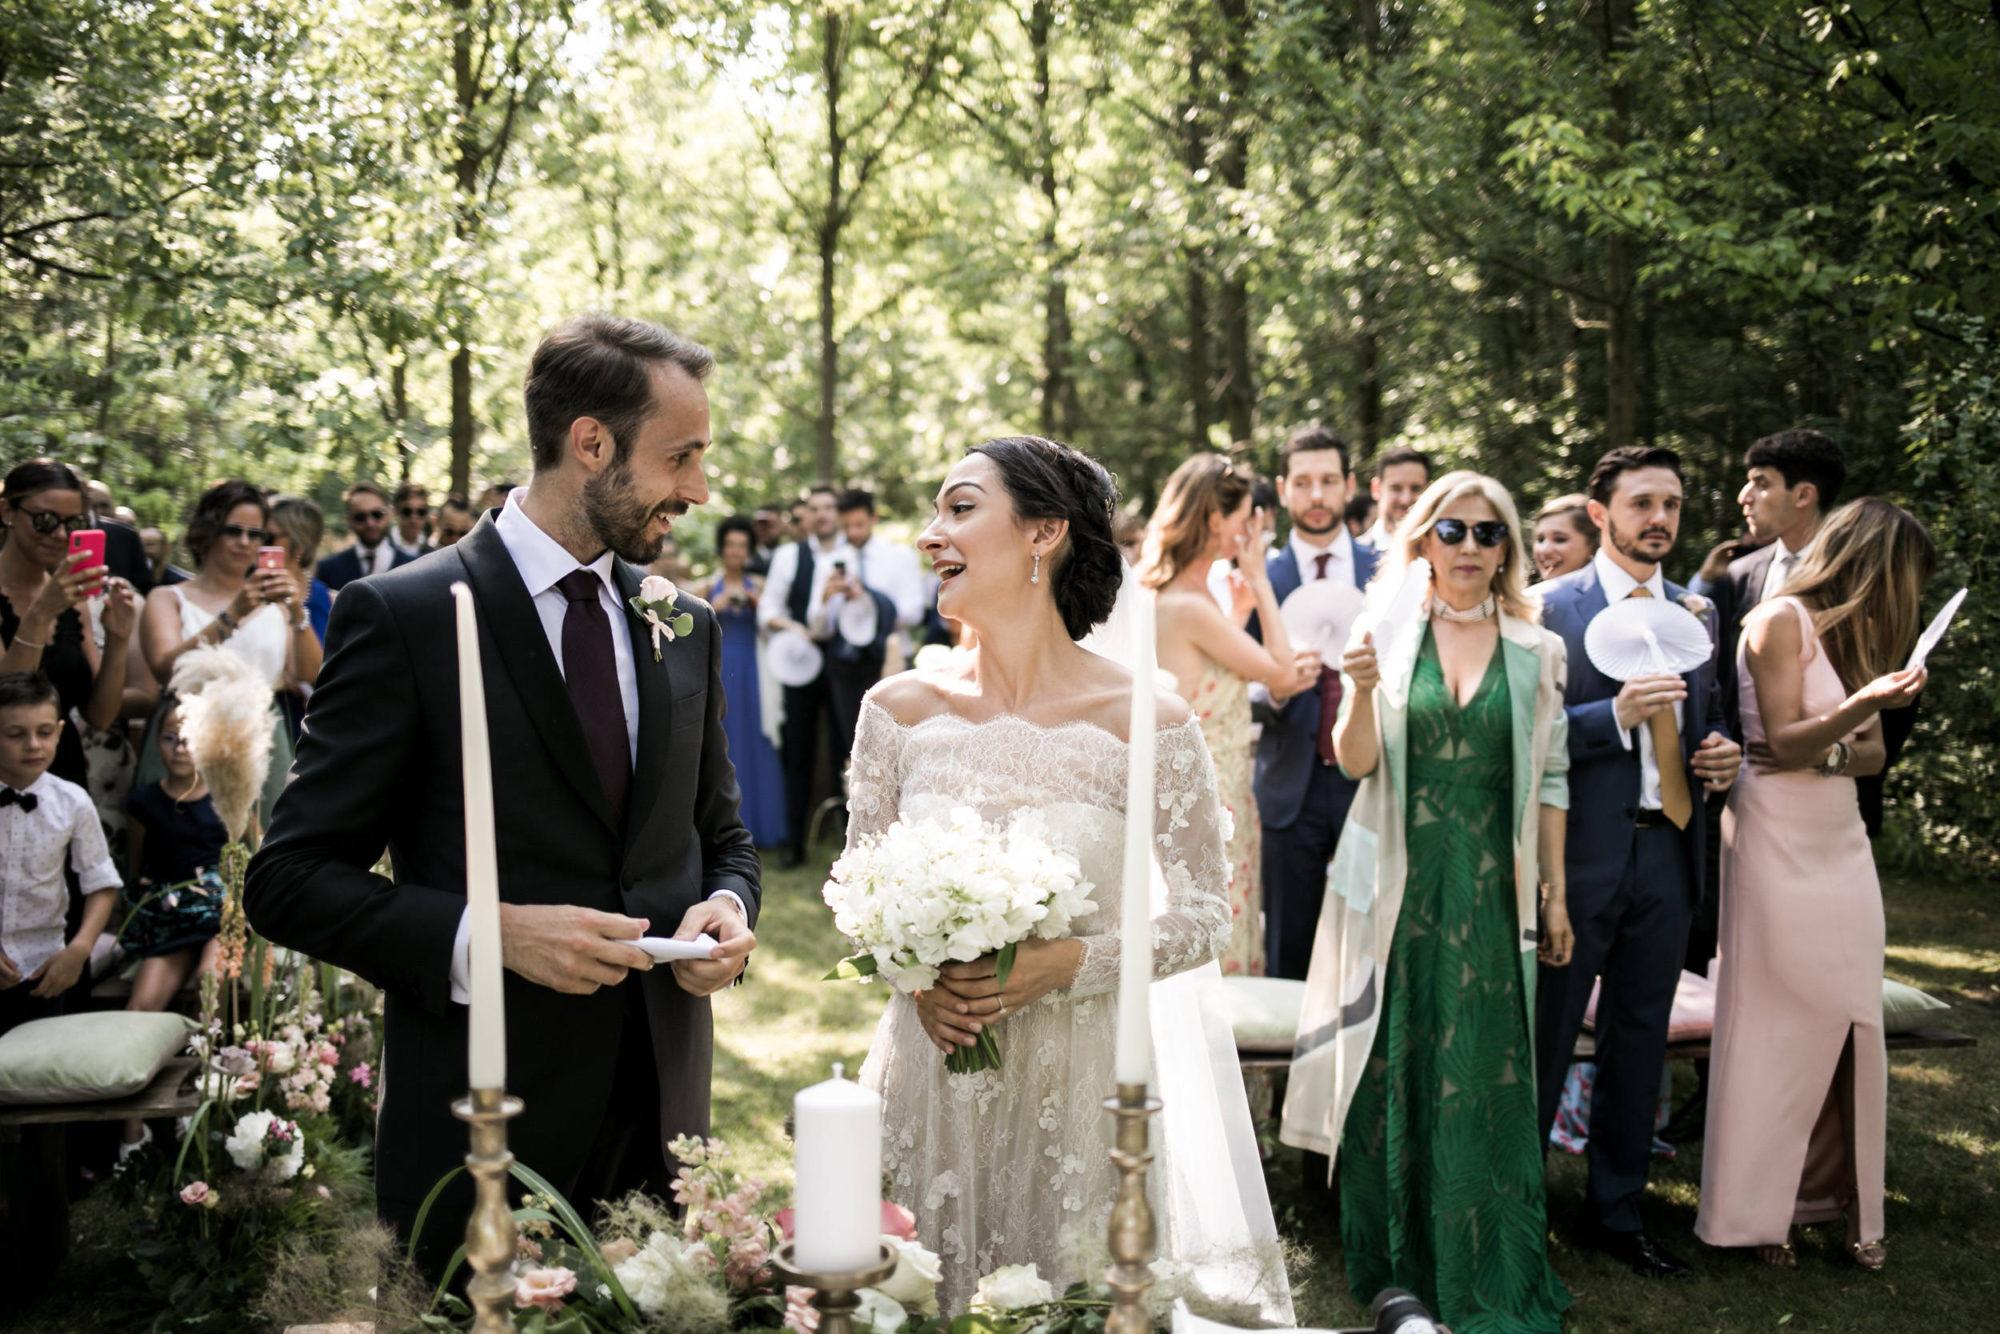 matrimonio_convento_annunciata_BA-037